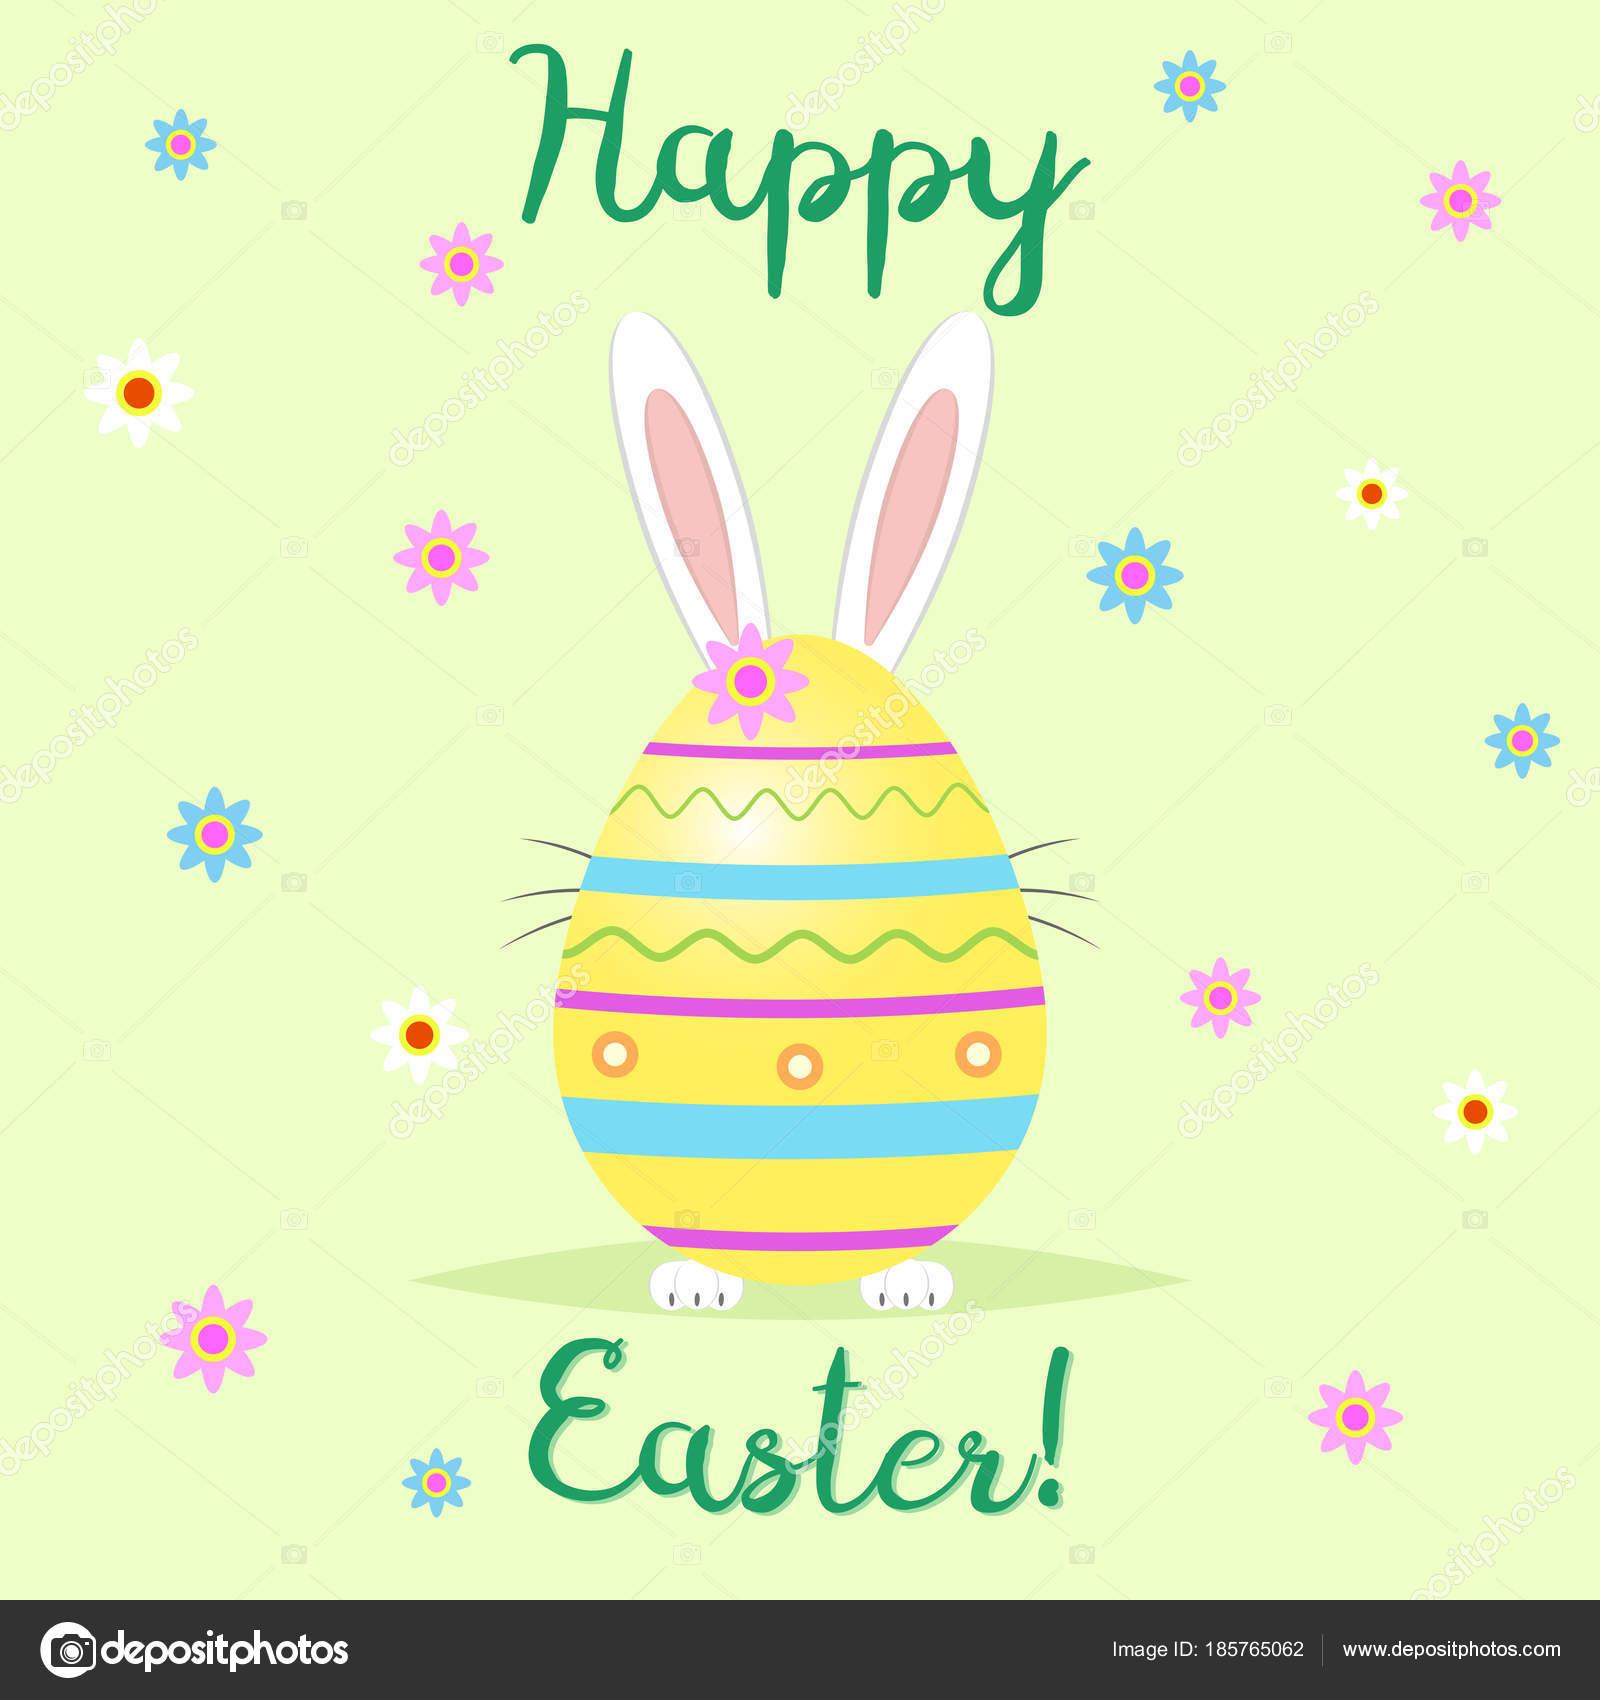 gefeliciteerd met pasen De paashaas staat achter een gele decoratieve ei. Gefeliciteerd  gefeliciteerd met pasen